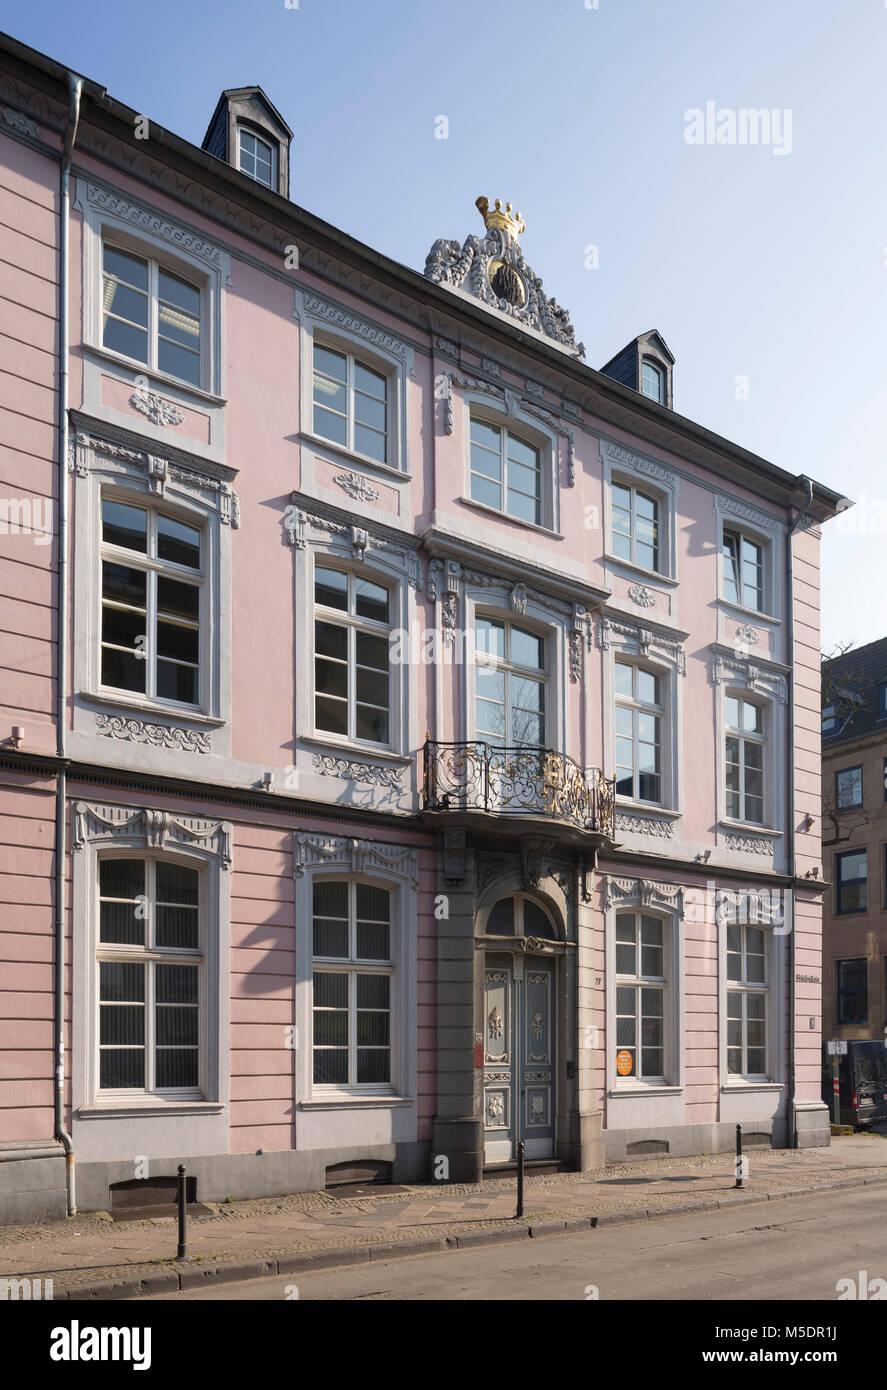 krefeld wohnhaus architektur architecture stock photos krefeld wohnhaus architektur. Black Bedroom Furniture Sets. Home Design Ideas